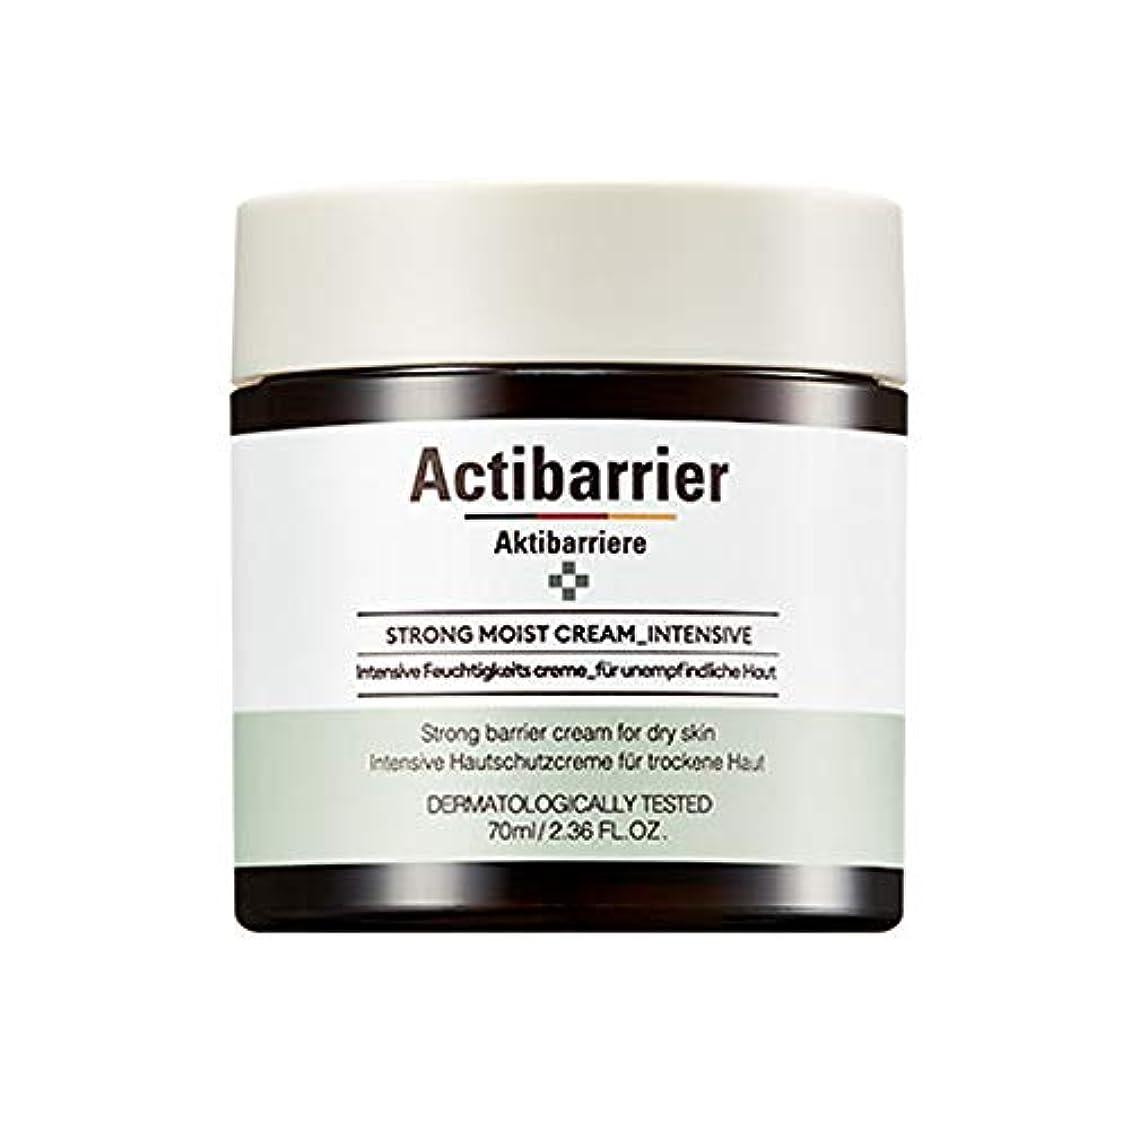 キウイ地平線に頼るActibarrier Strong Moist Cream_Intensiveアクチバリアストロングモイストクリーム_インテンシブ [並行輸入品]